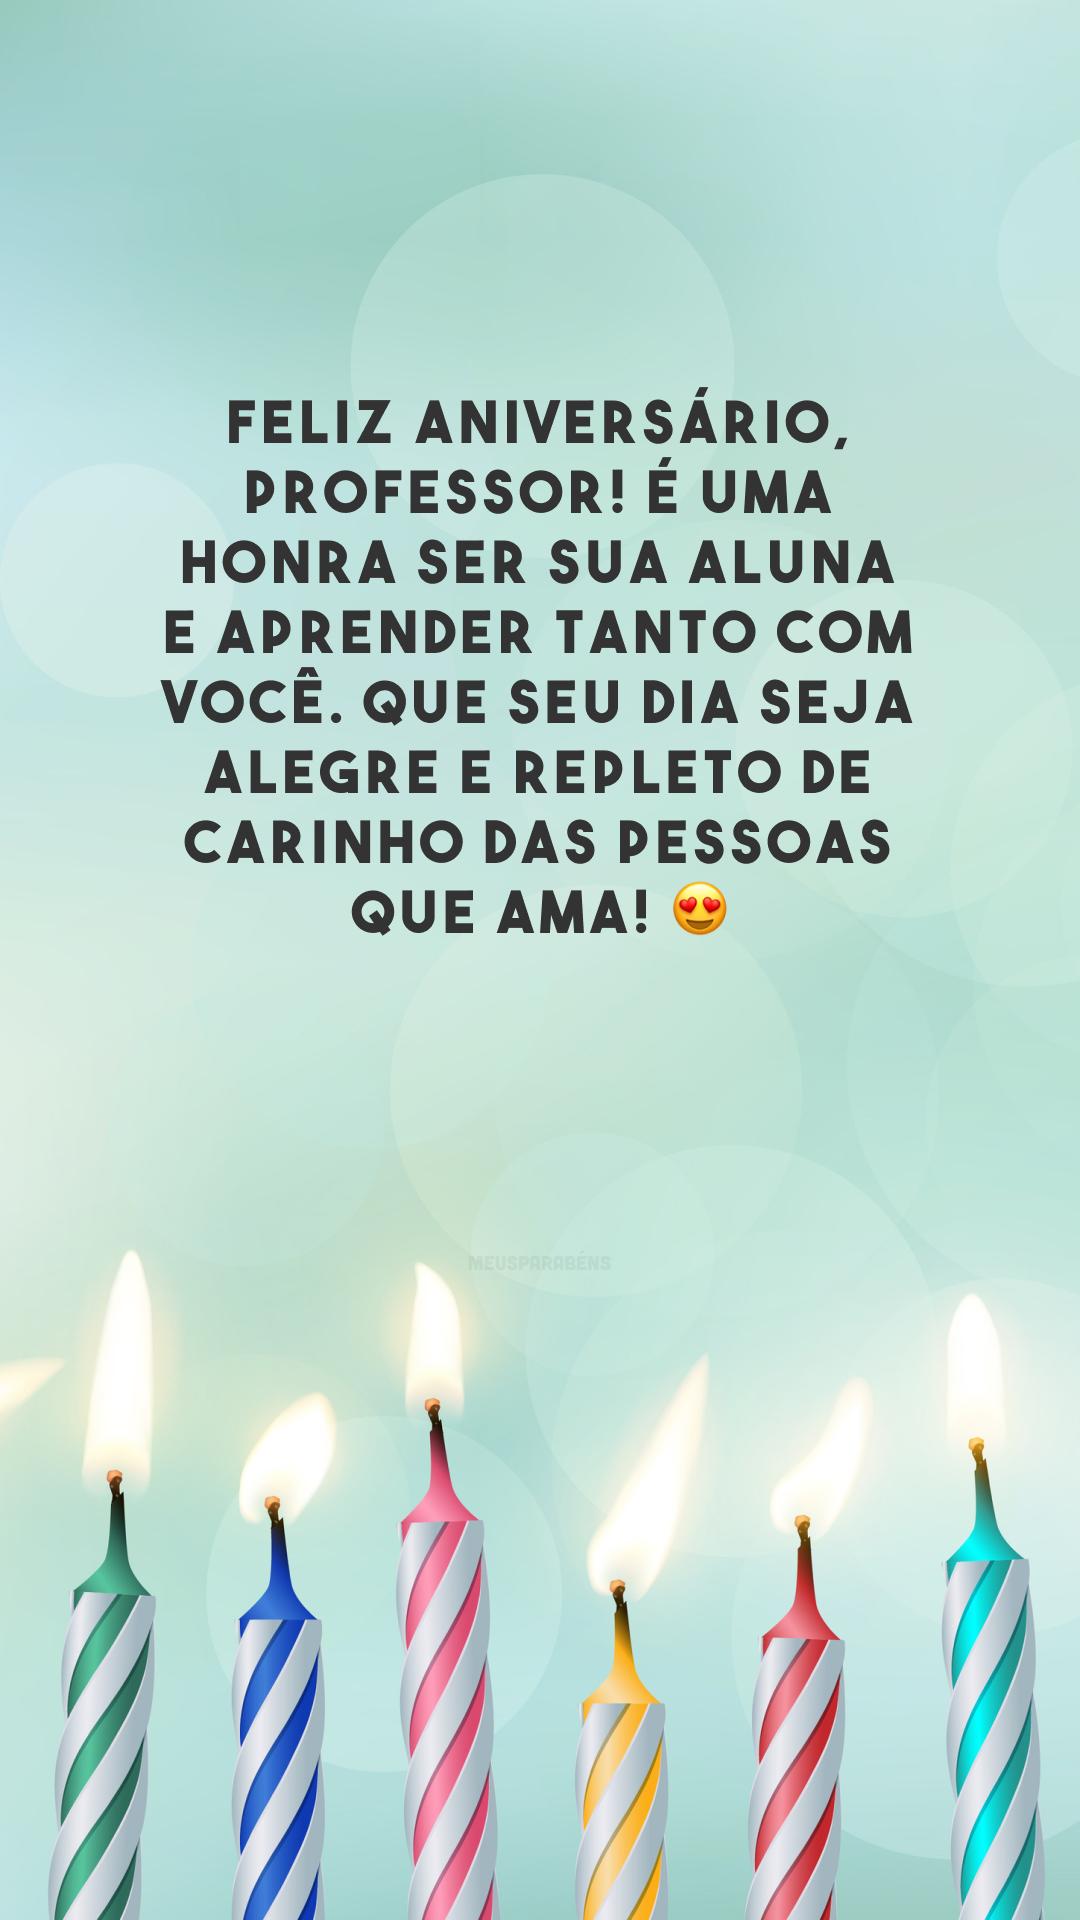 Feliz aniversário, professor! É uma honra ser sua aluna e aprender tanto com você. Que seu dia seja alegre e repleto de carinho das pessoas que ama! 😍